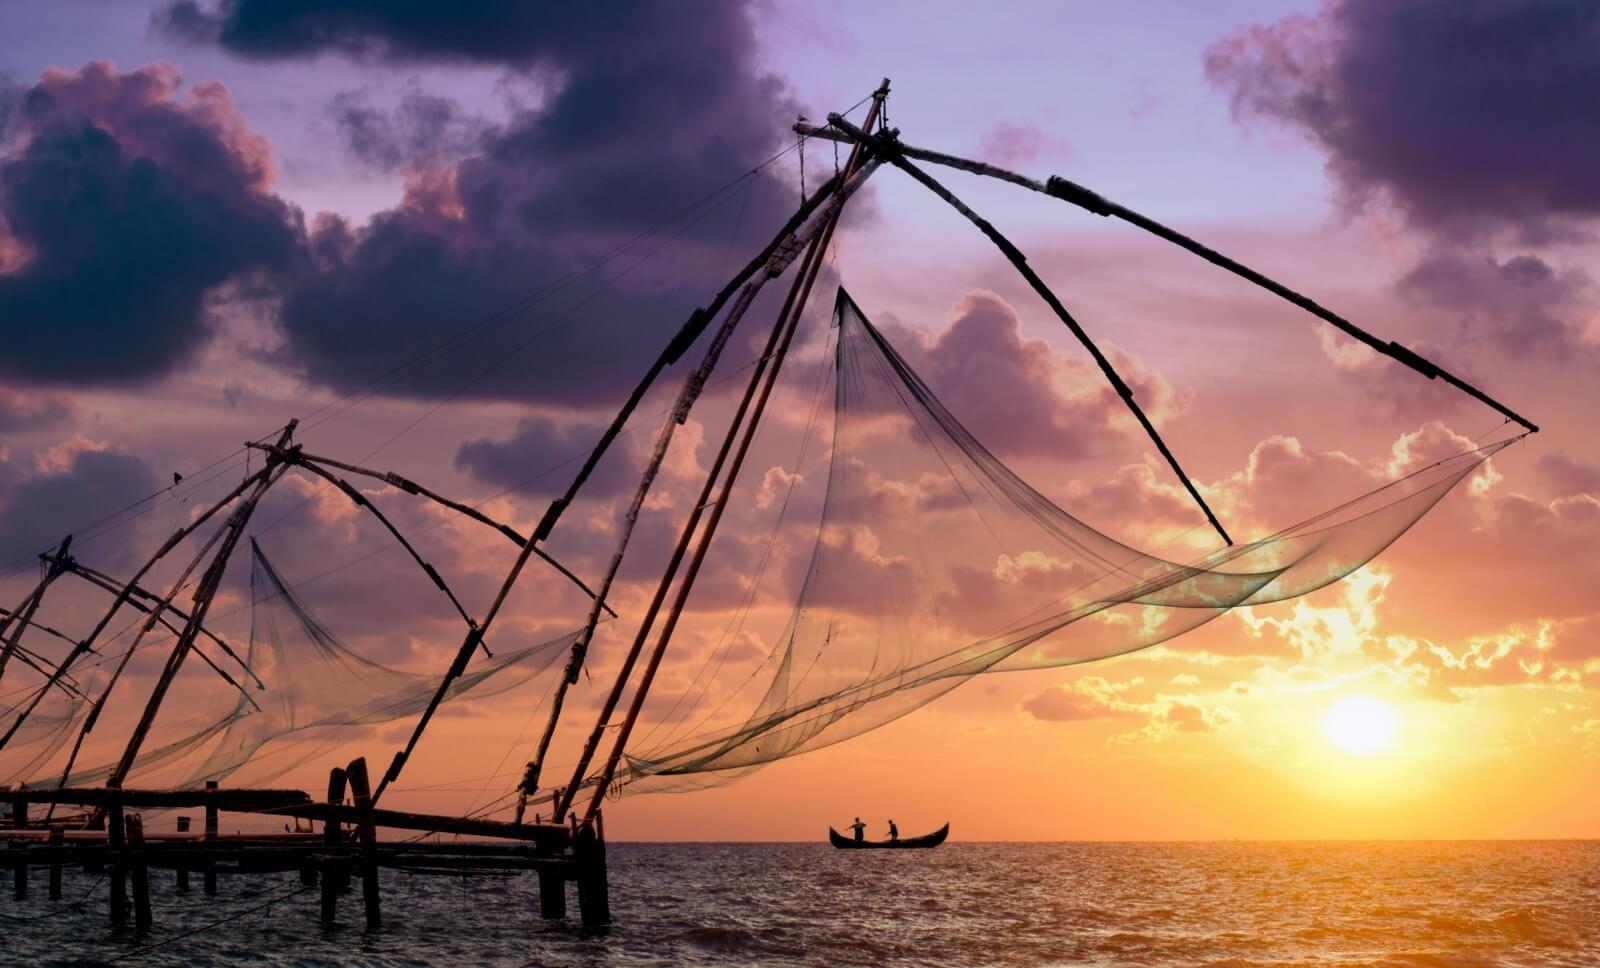 Munnar-Alleppey-Kumarakom Tour Package